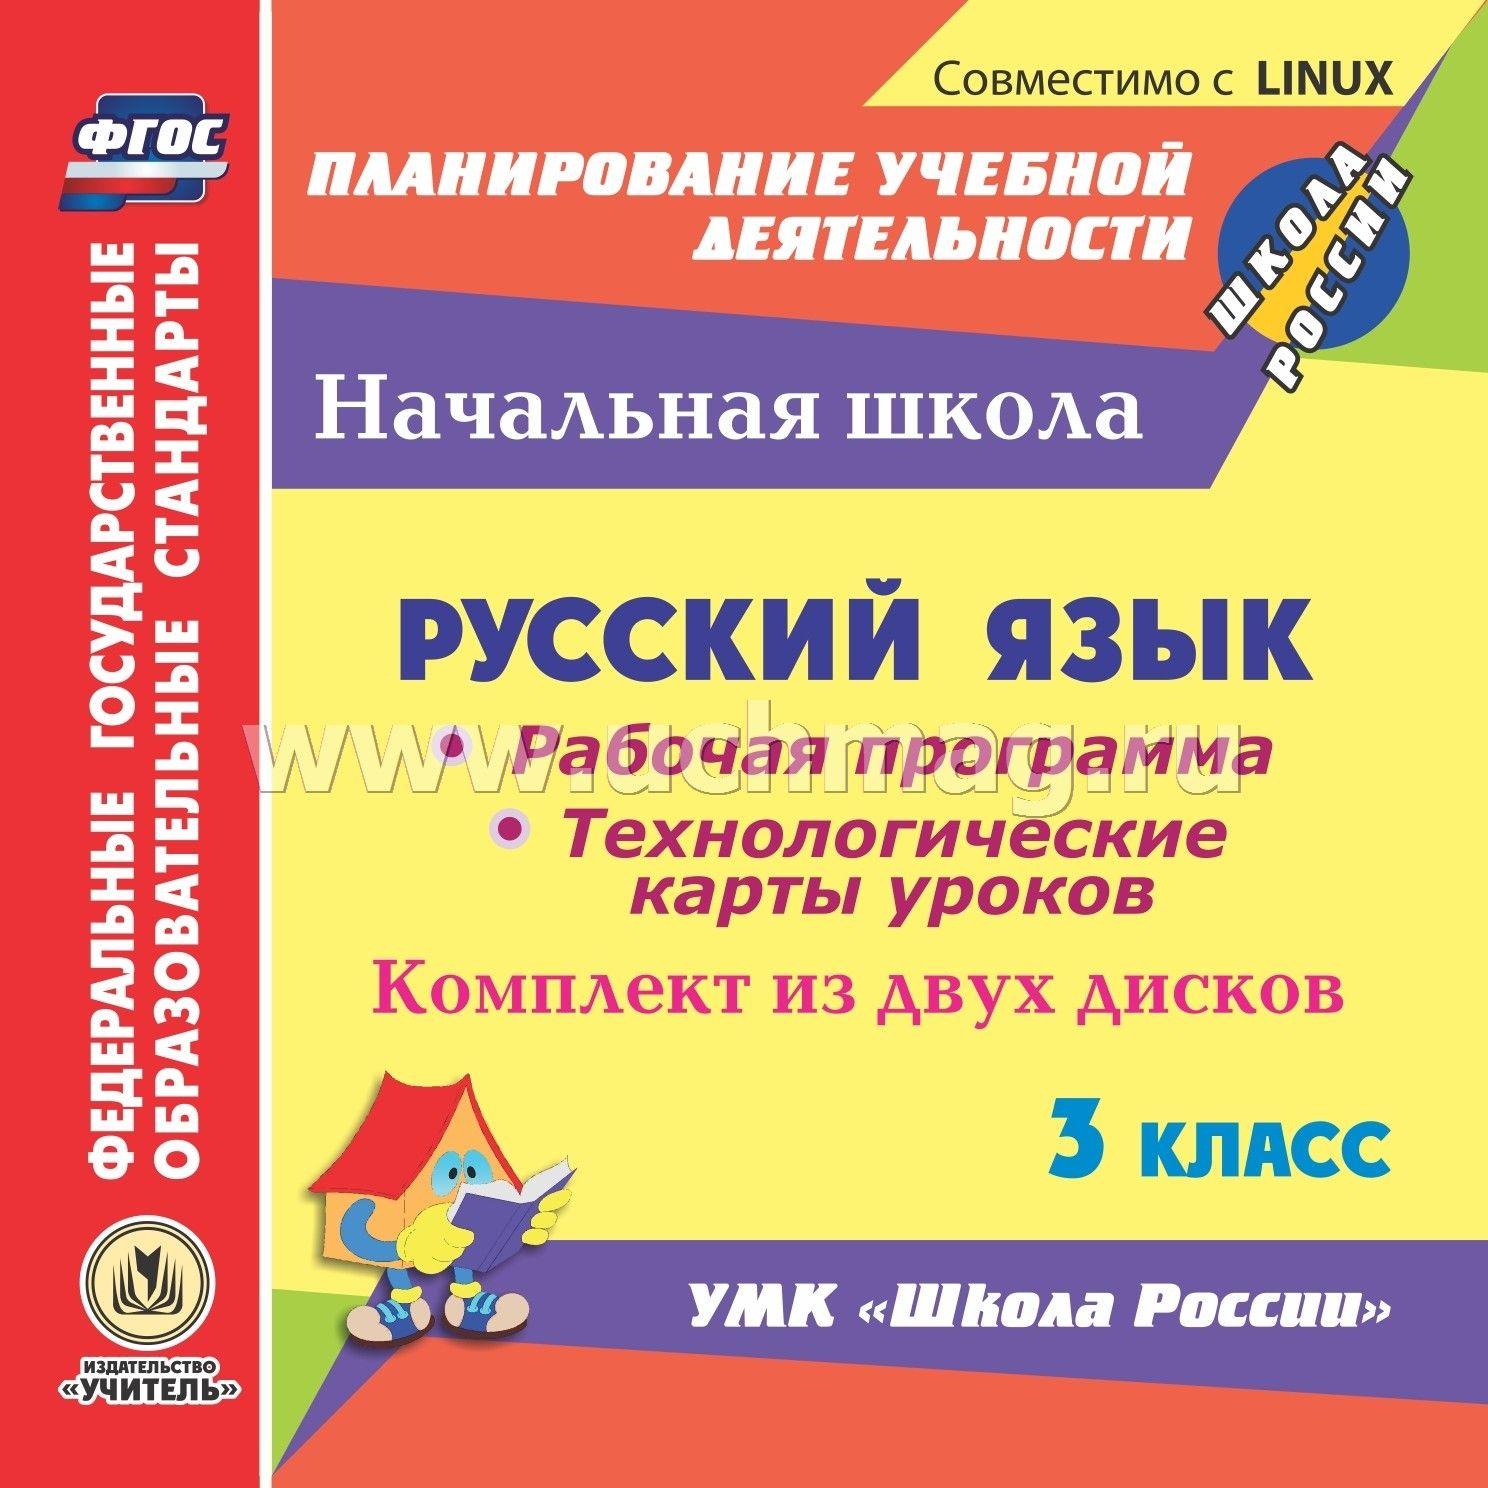 Рабочая программа по математике 2 класс фгос 2018 школа россии